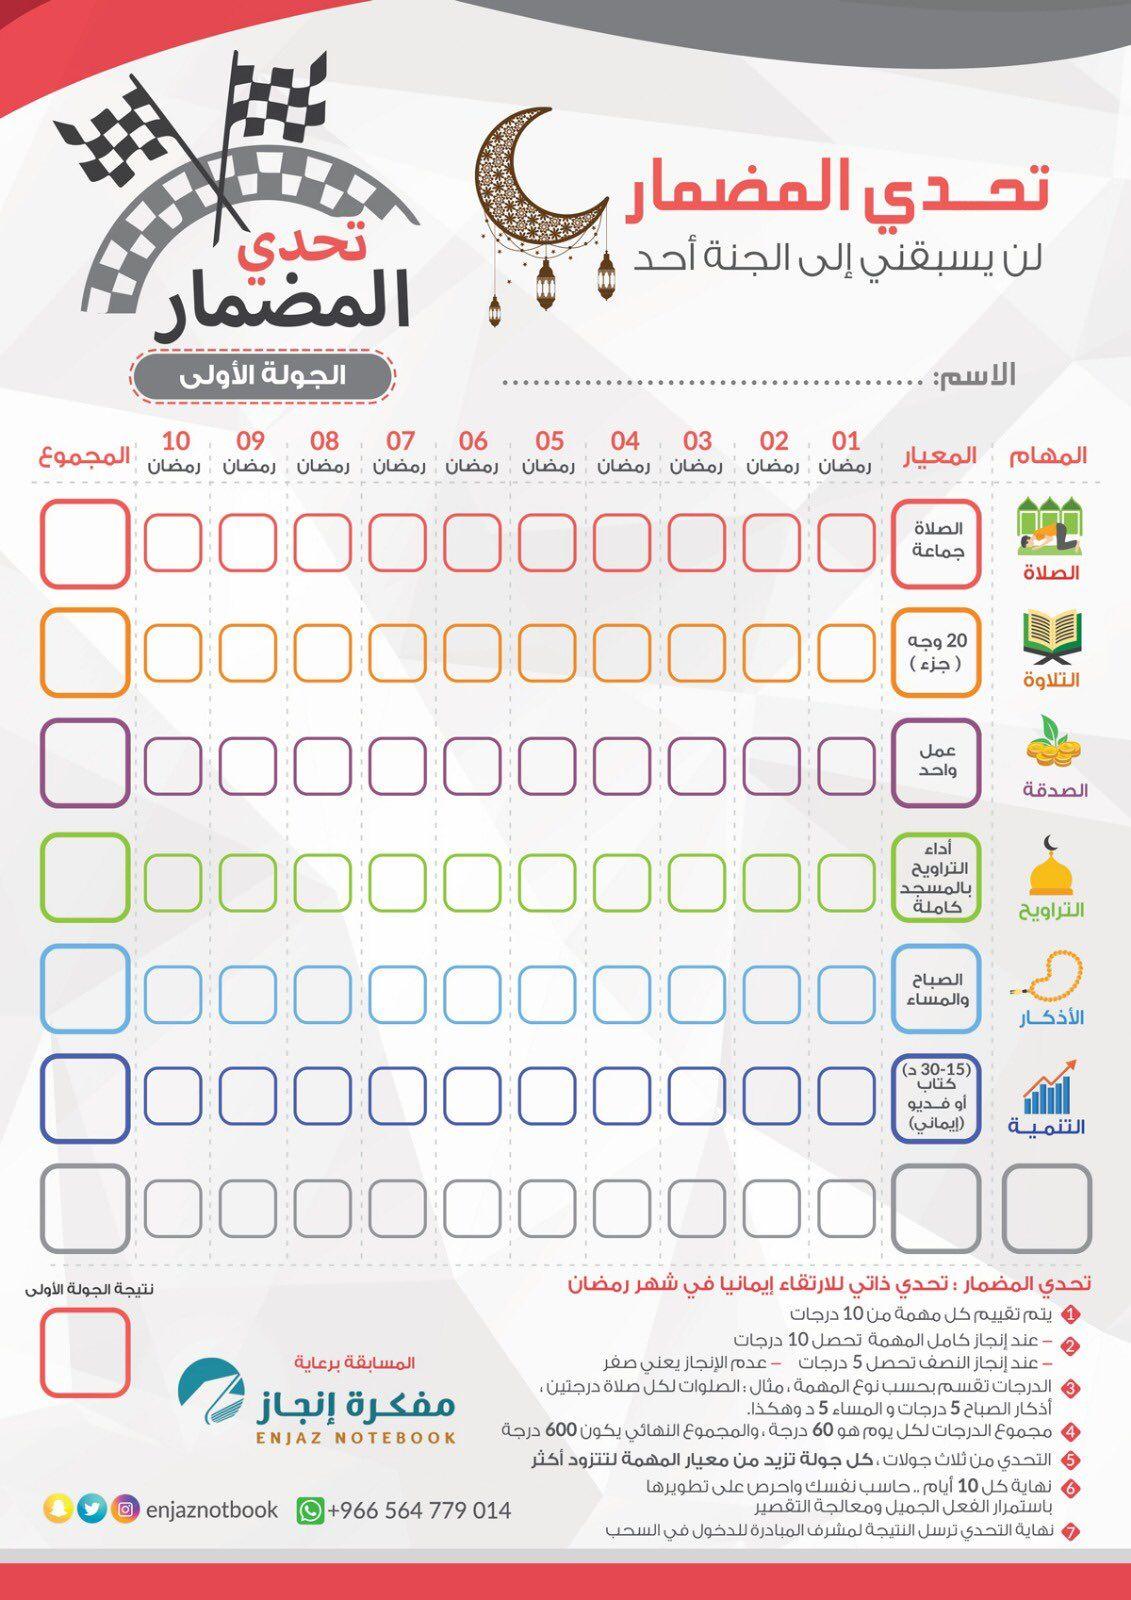 مفكرة إنجاز On Twitter Ramadan Activities Daily Planner Pages Ramadan Day